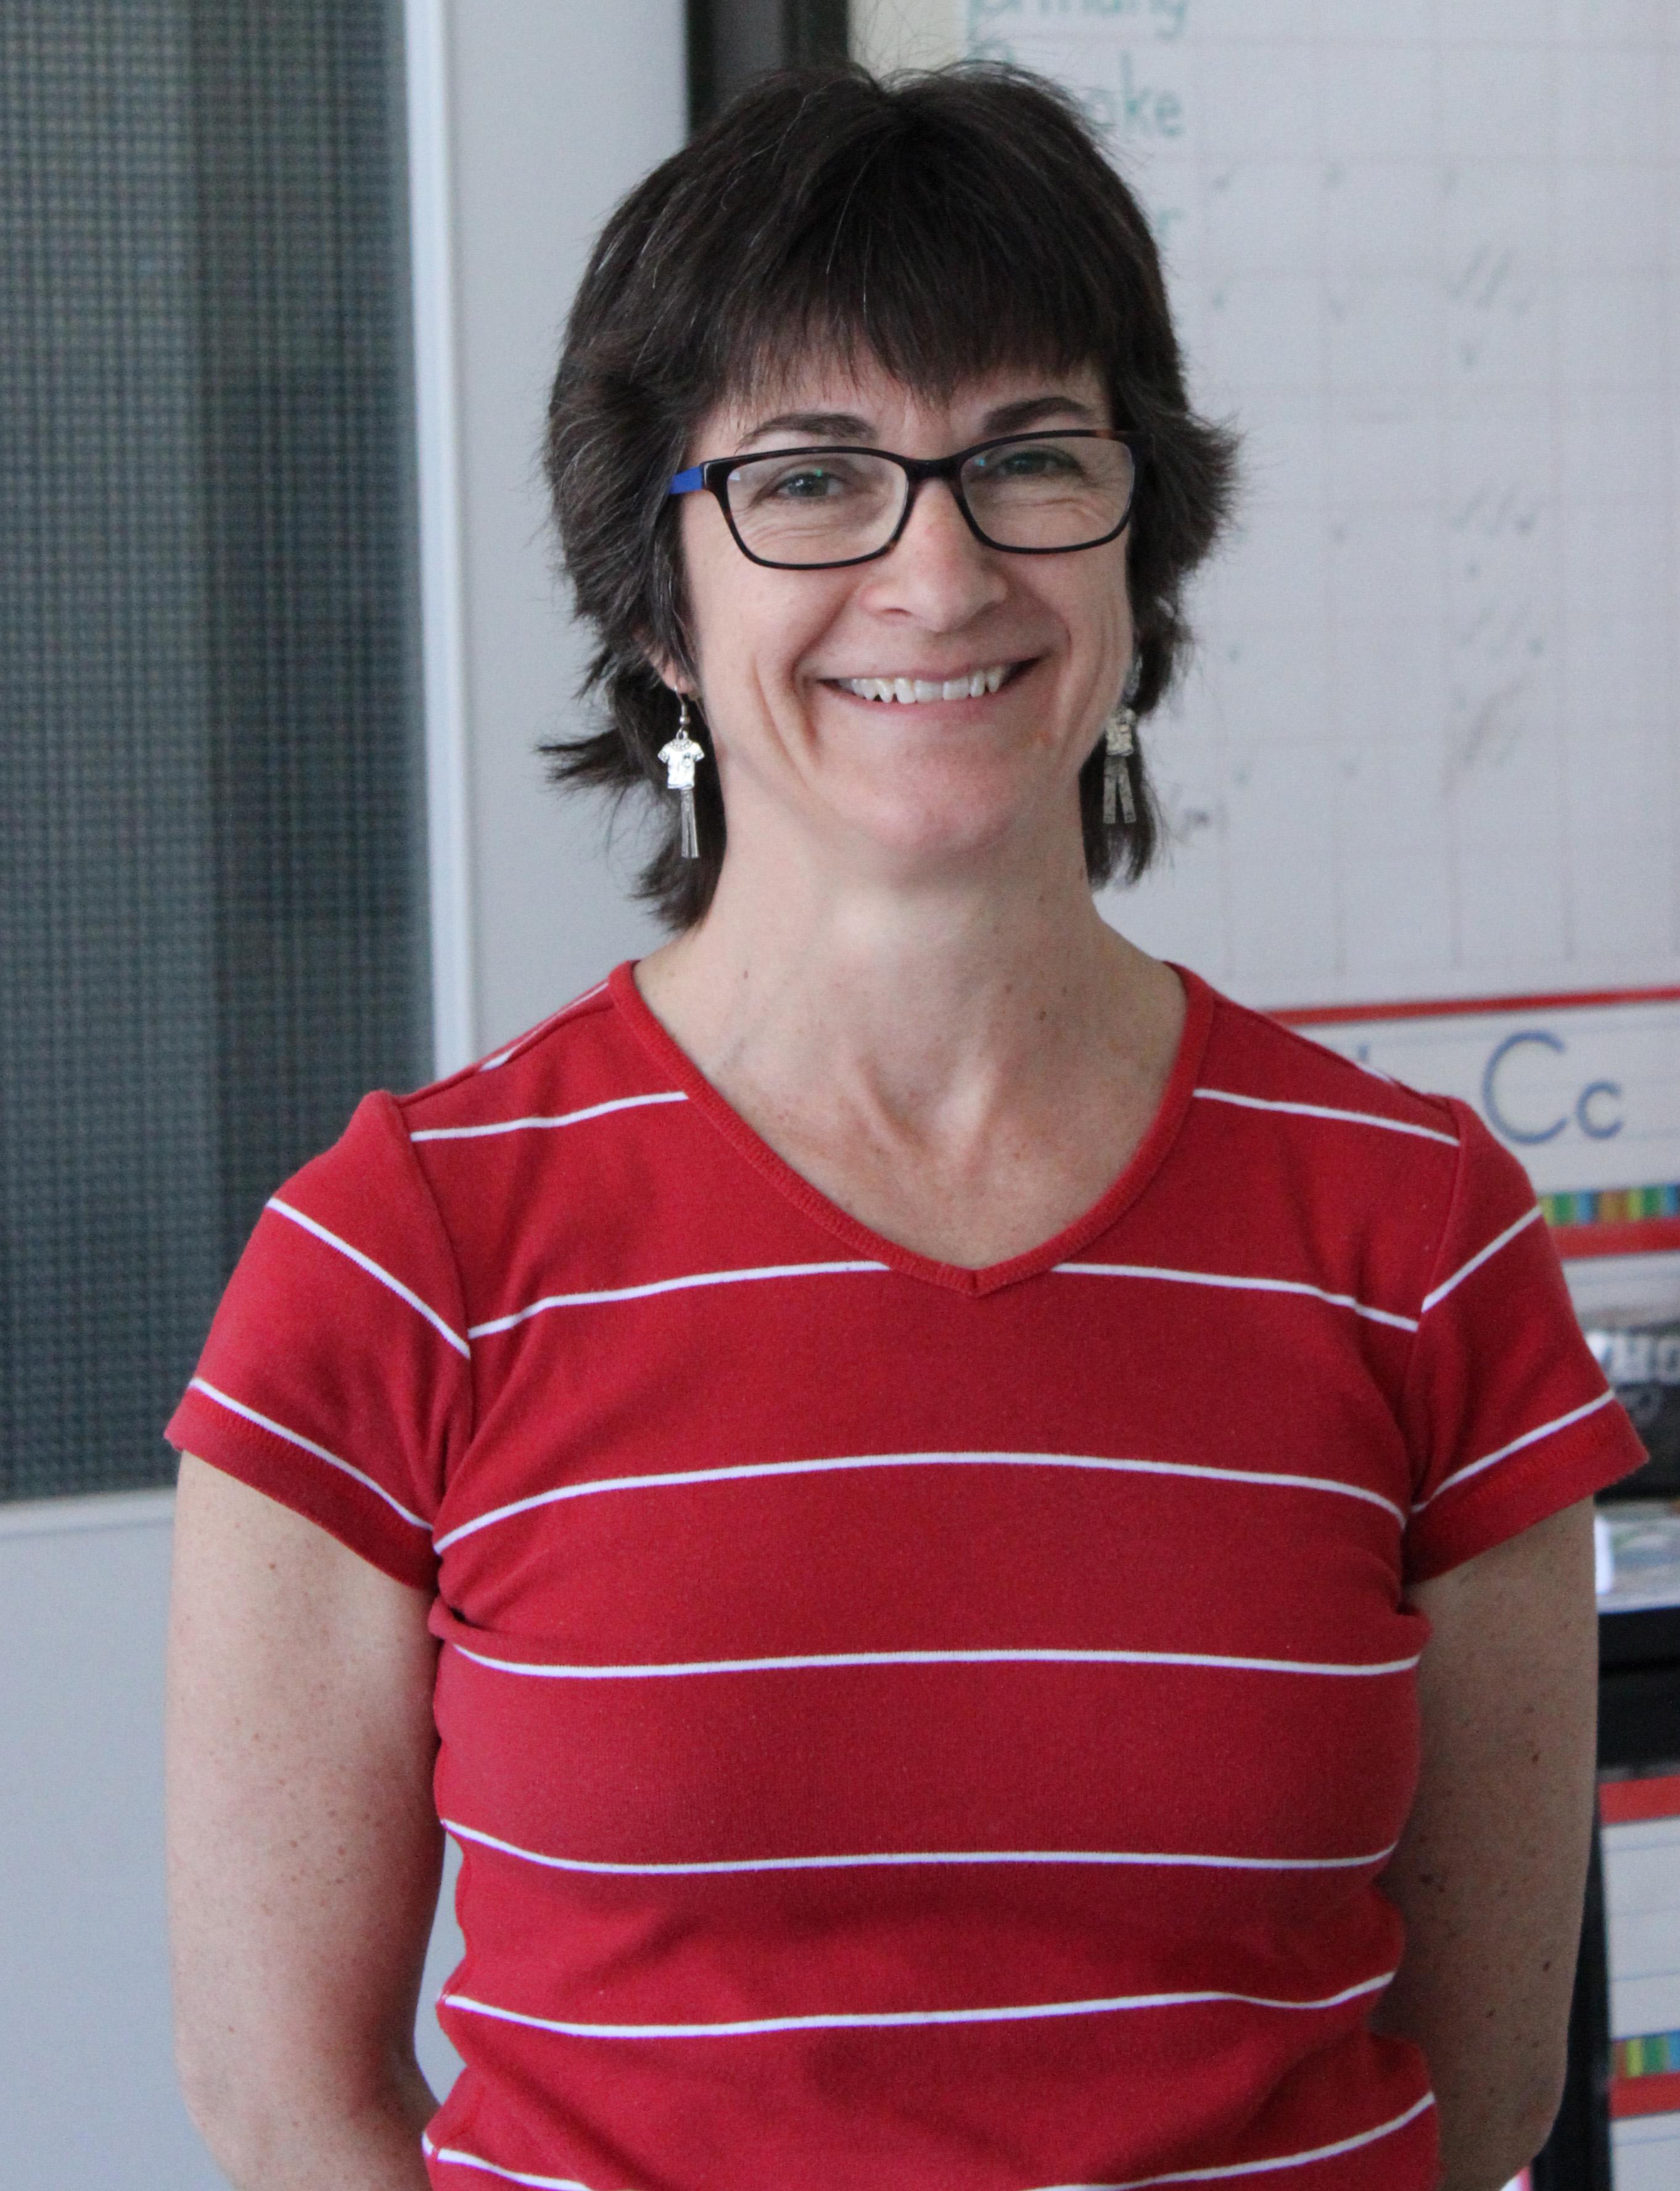 Mrs. Nickerson